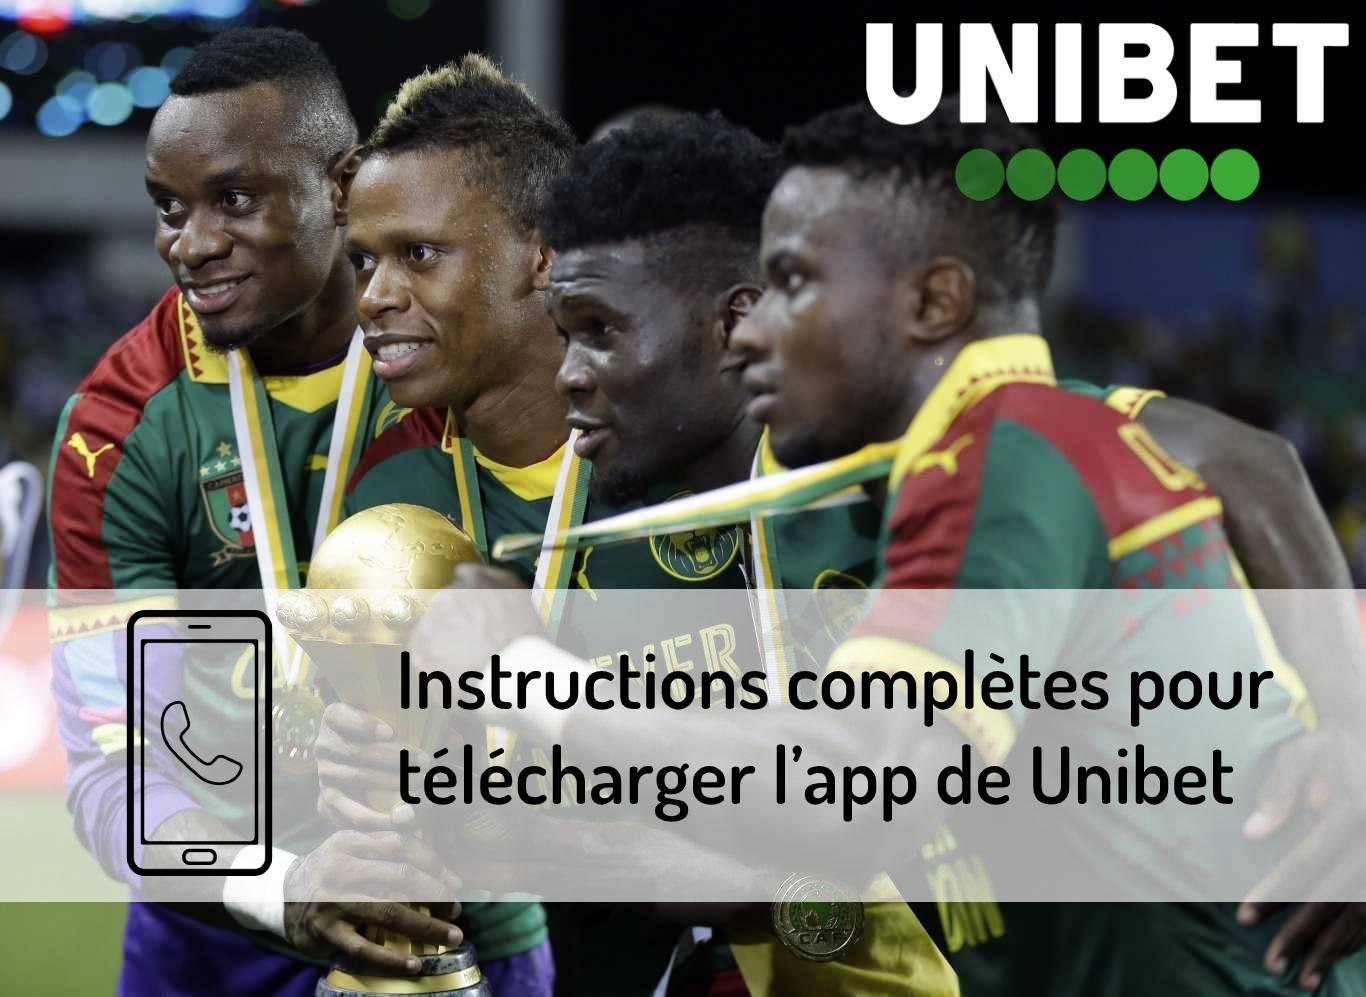 Instructions pour télécharger l'app de Unibet